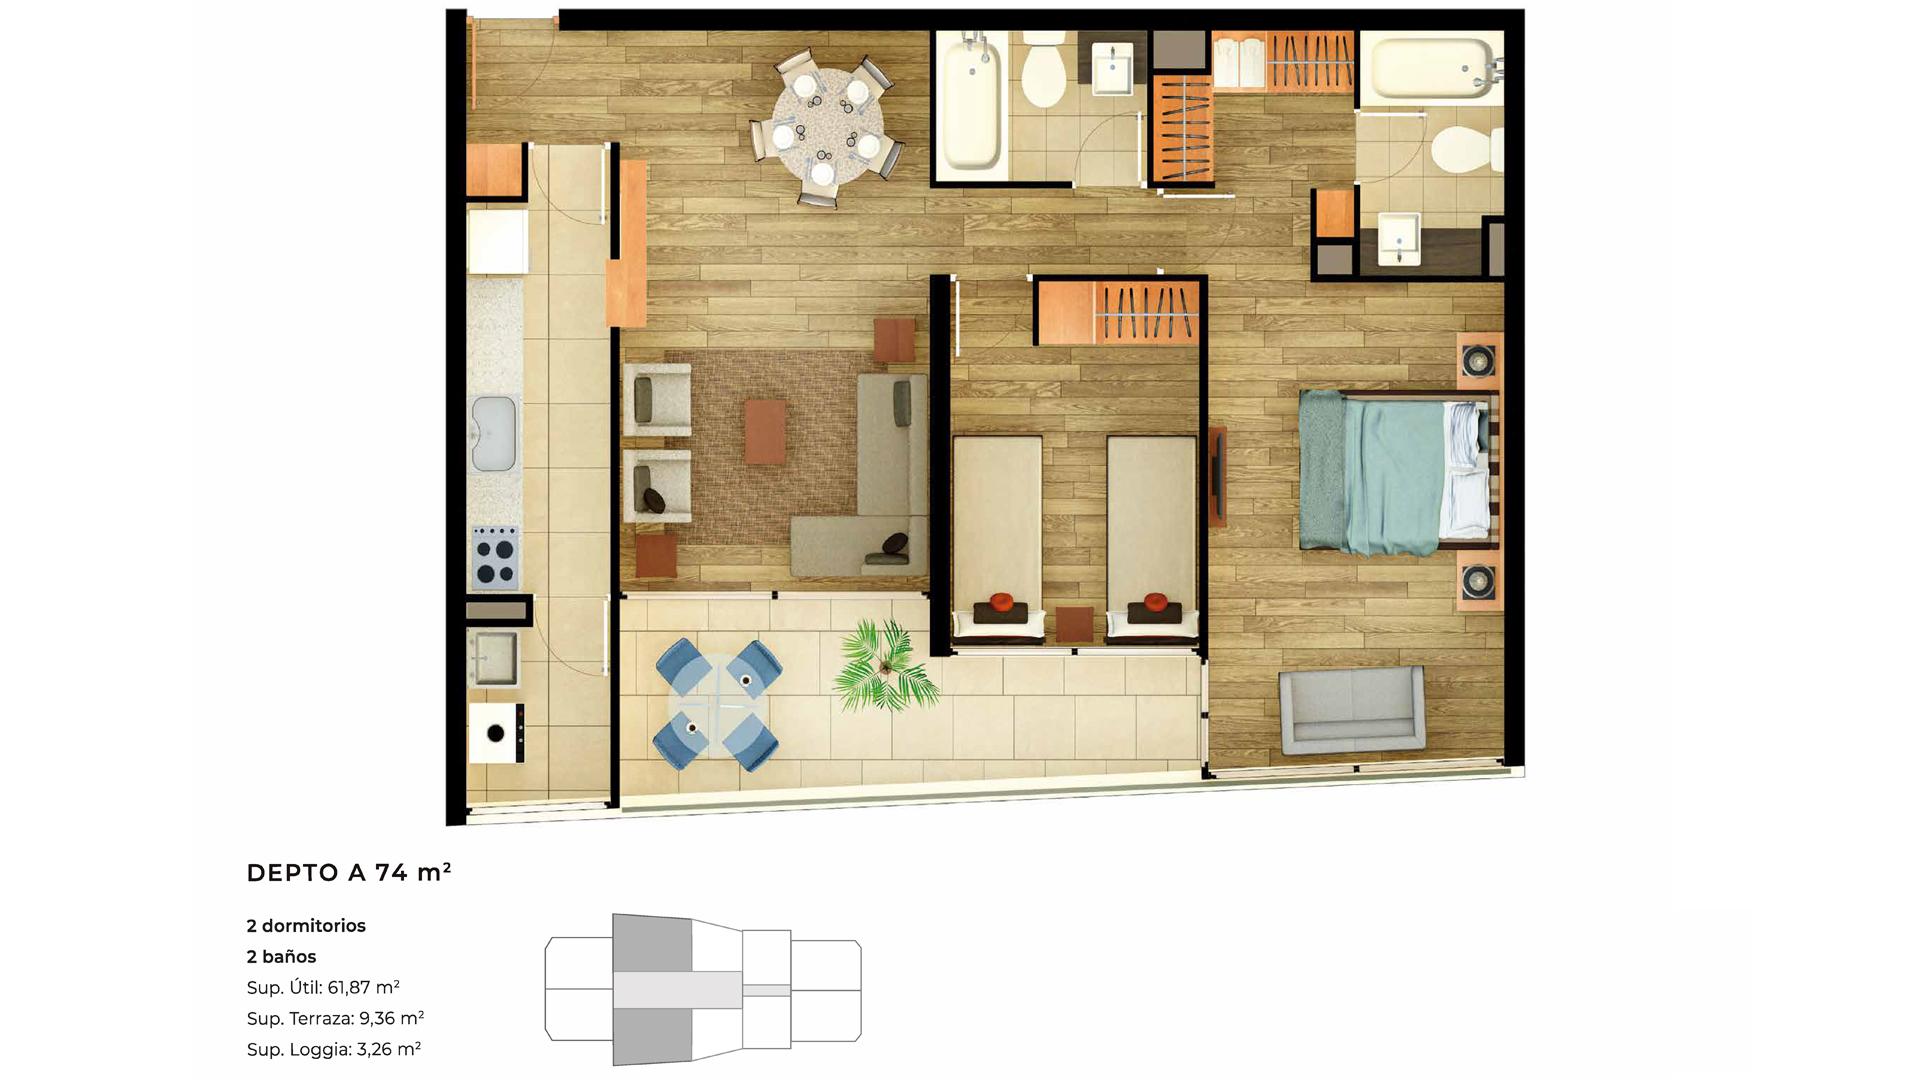 Edificio Innova - Departamento A - 74 mts